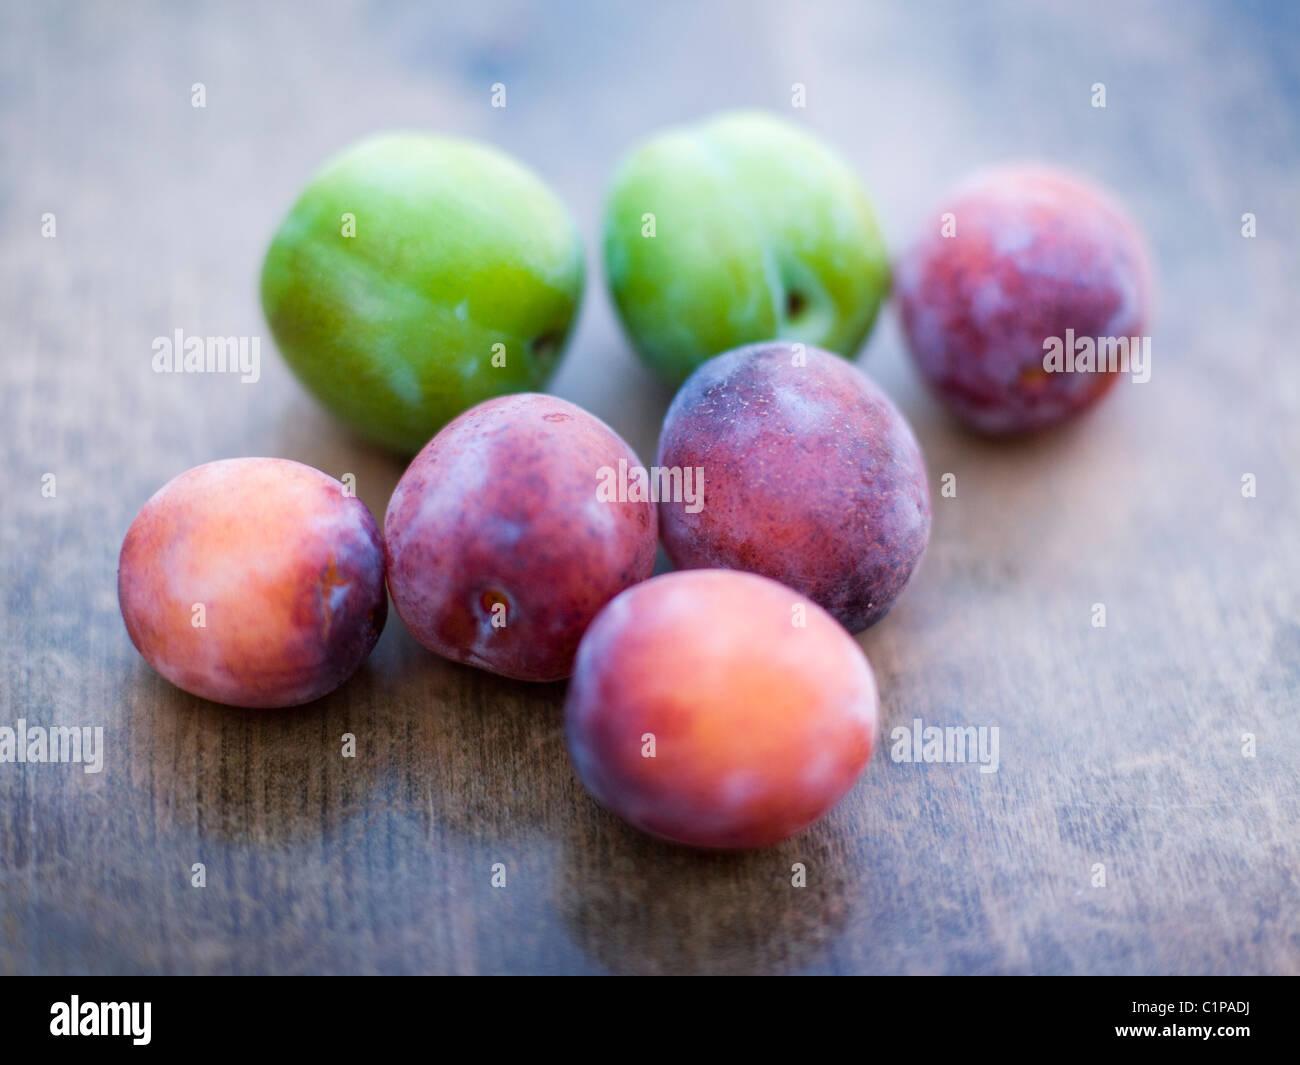 Les prunes vertes et violettes sur table en bois Photo Stock